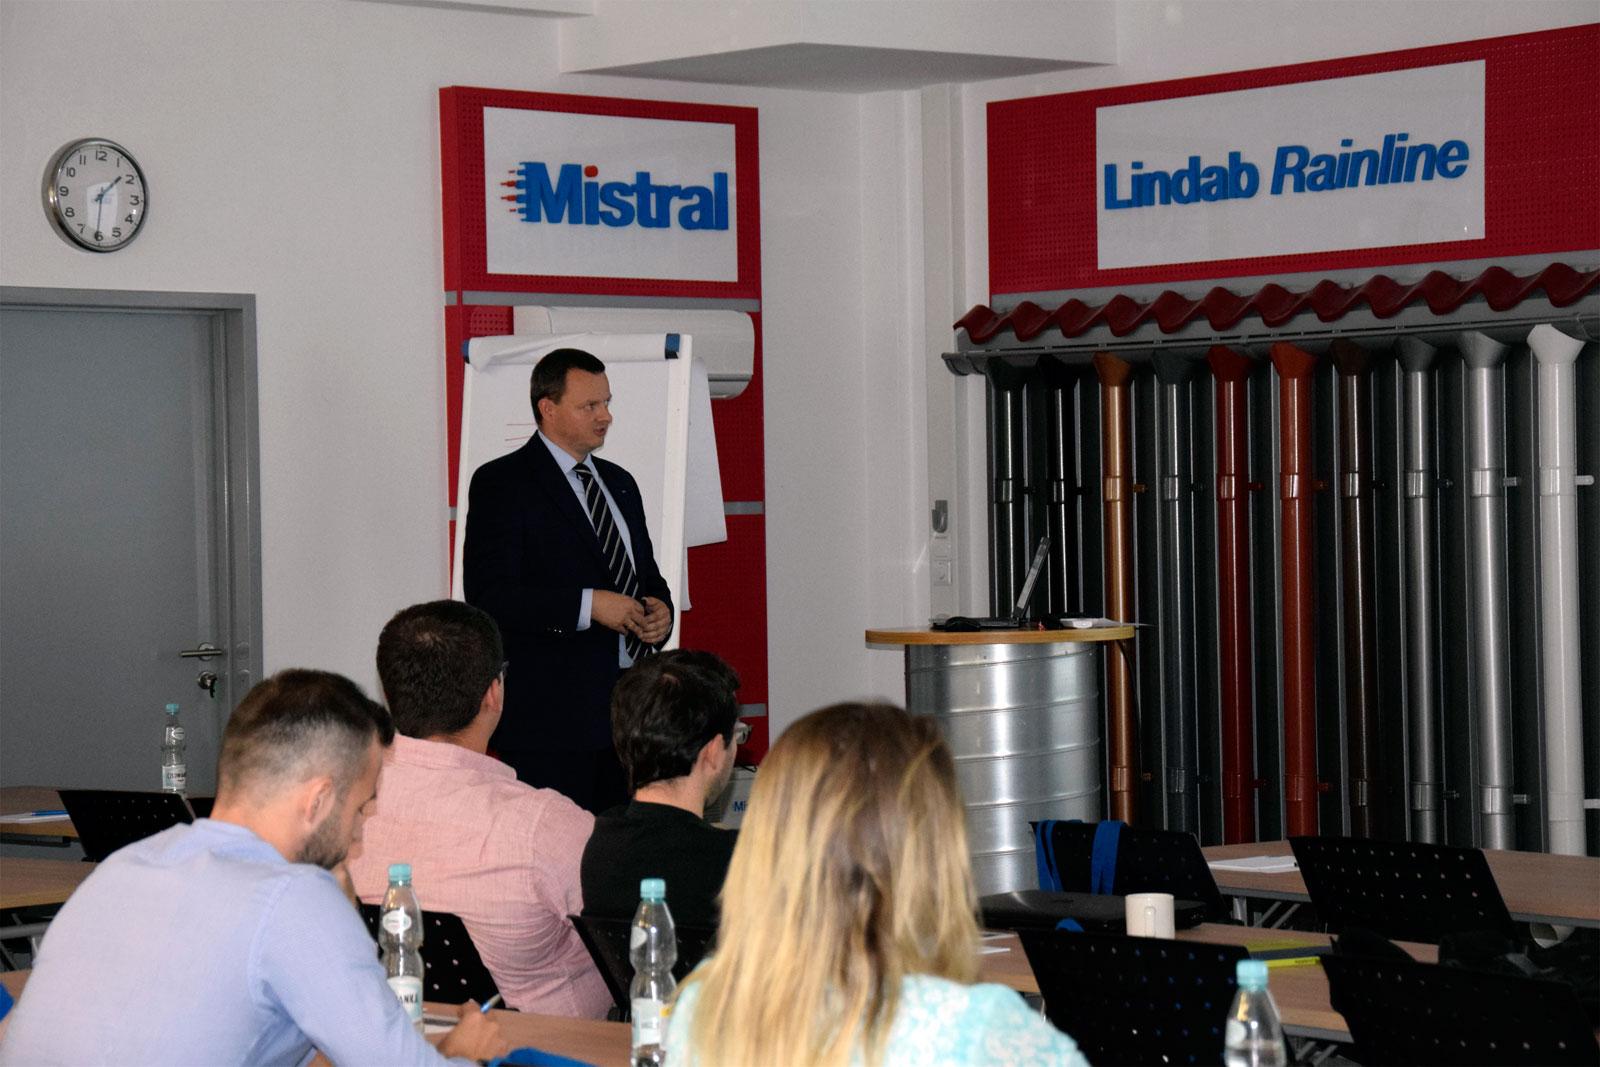 bim dla instalatorow szkolenie lindab i aec design1 - BIM dla Instalatorów – szkolenie Lindab i AEC Design